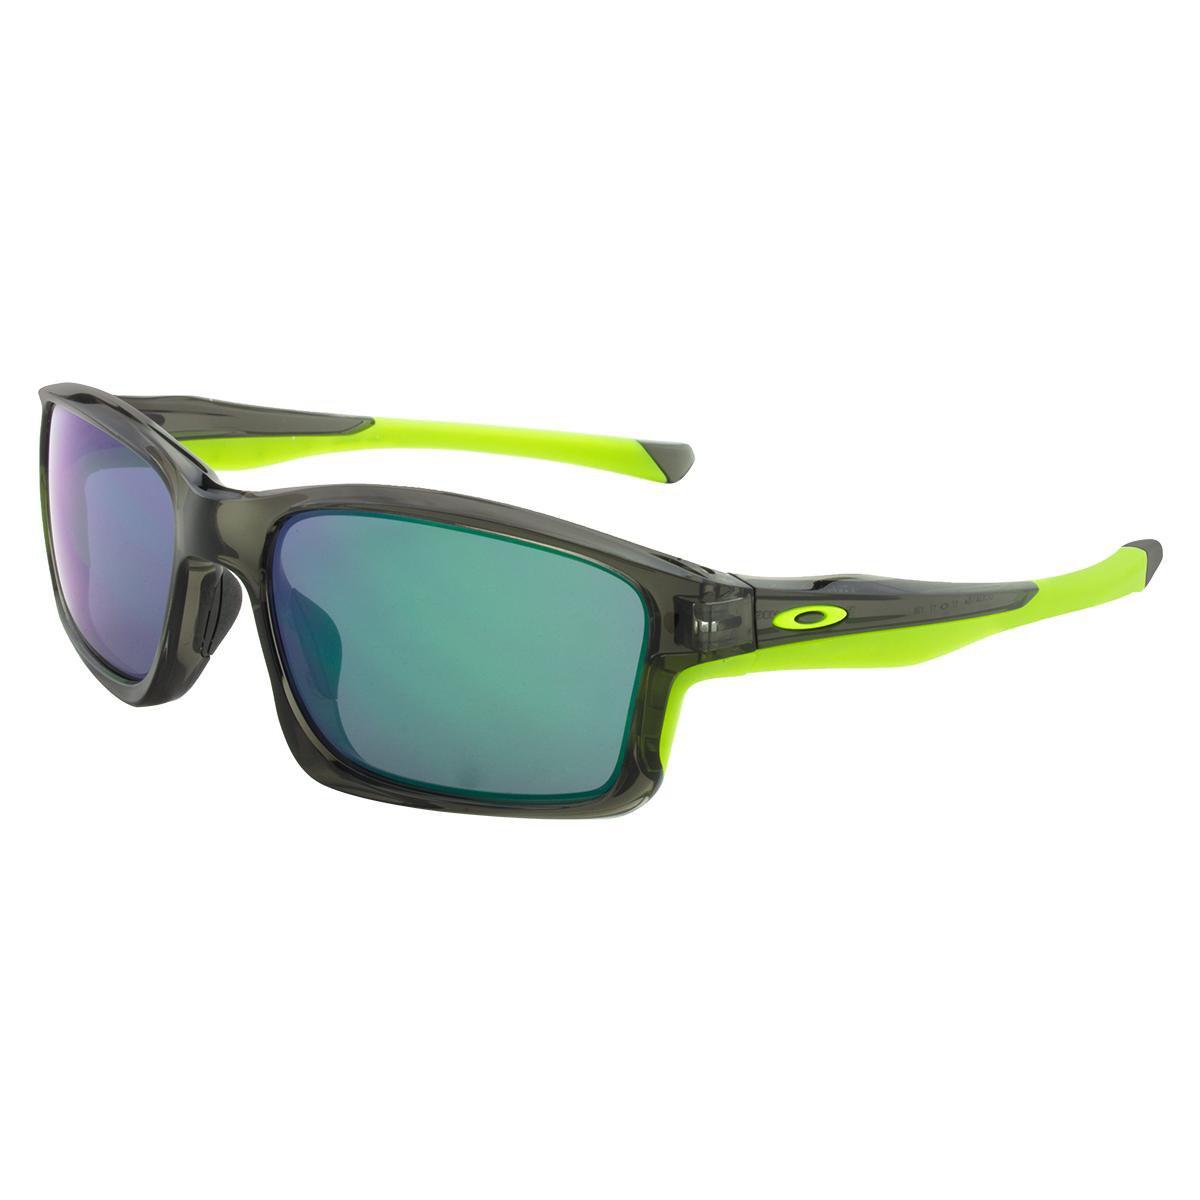 ... Óculos de Sol Oakley Chainlink OO9247 - Grey Smoke W Jade Iridium ... 1ddade1873